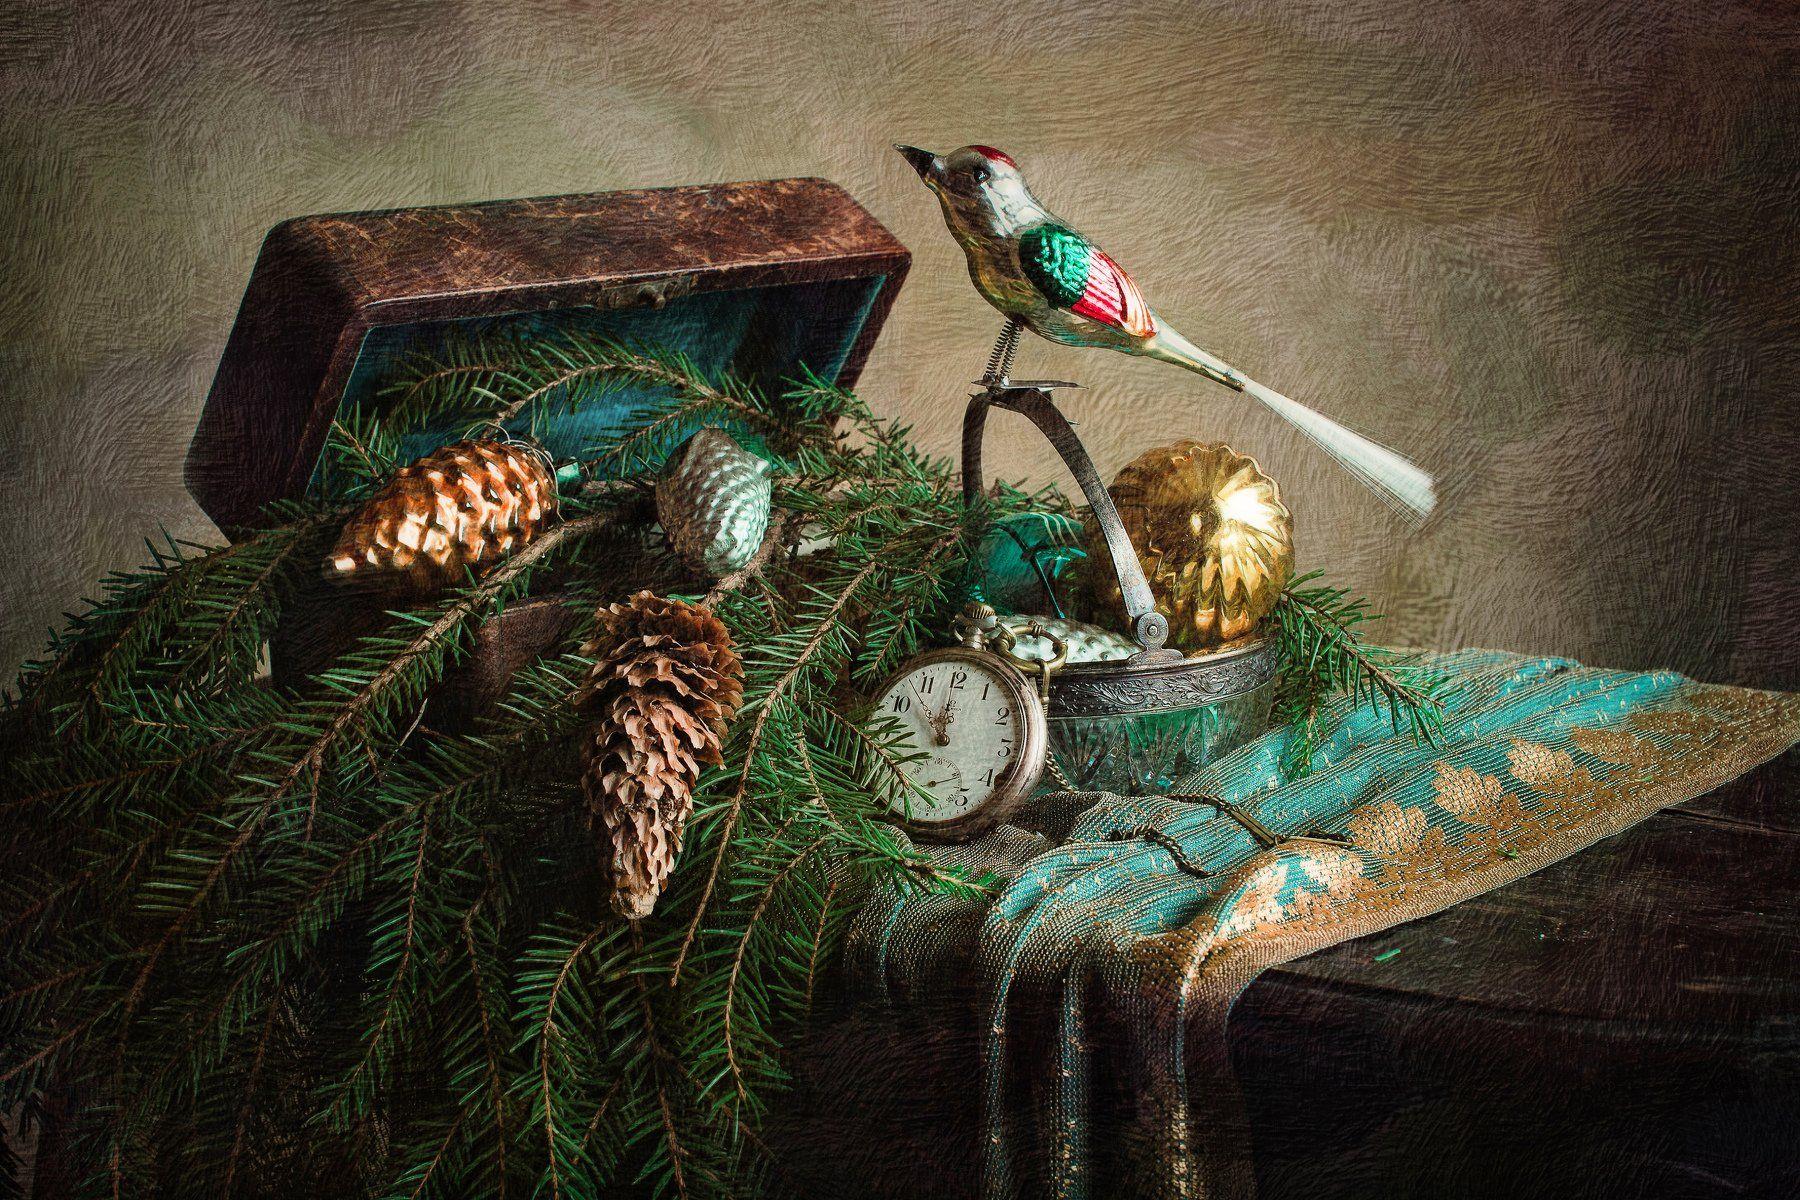 натюрморт, стекло, игрушки, ёлка, часы, новый год, Анна Петина